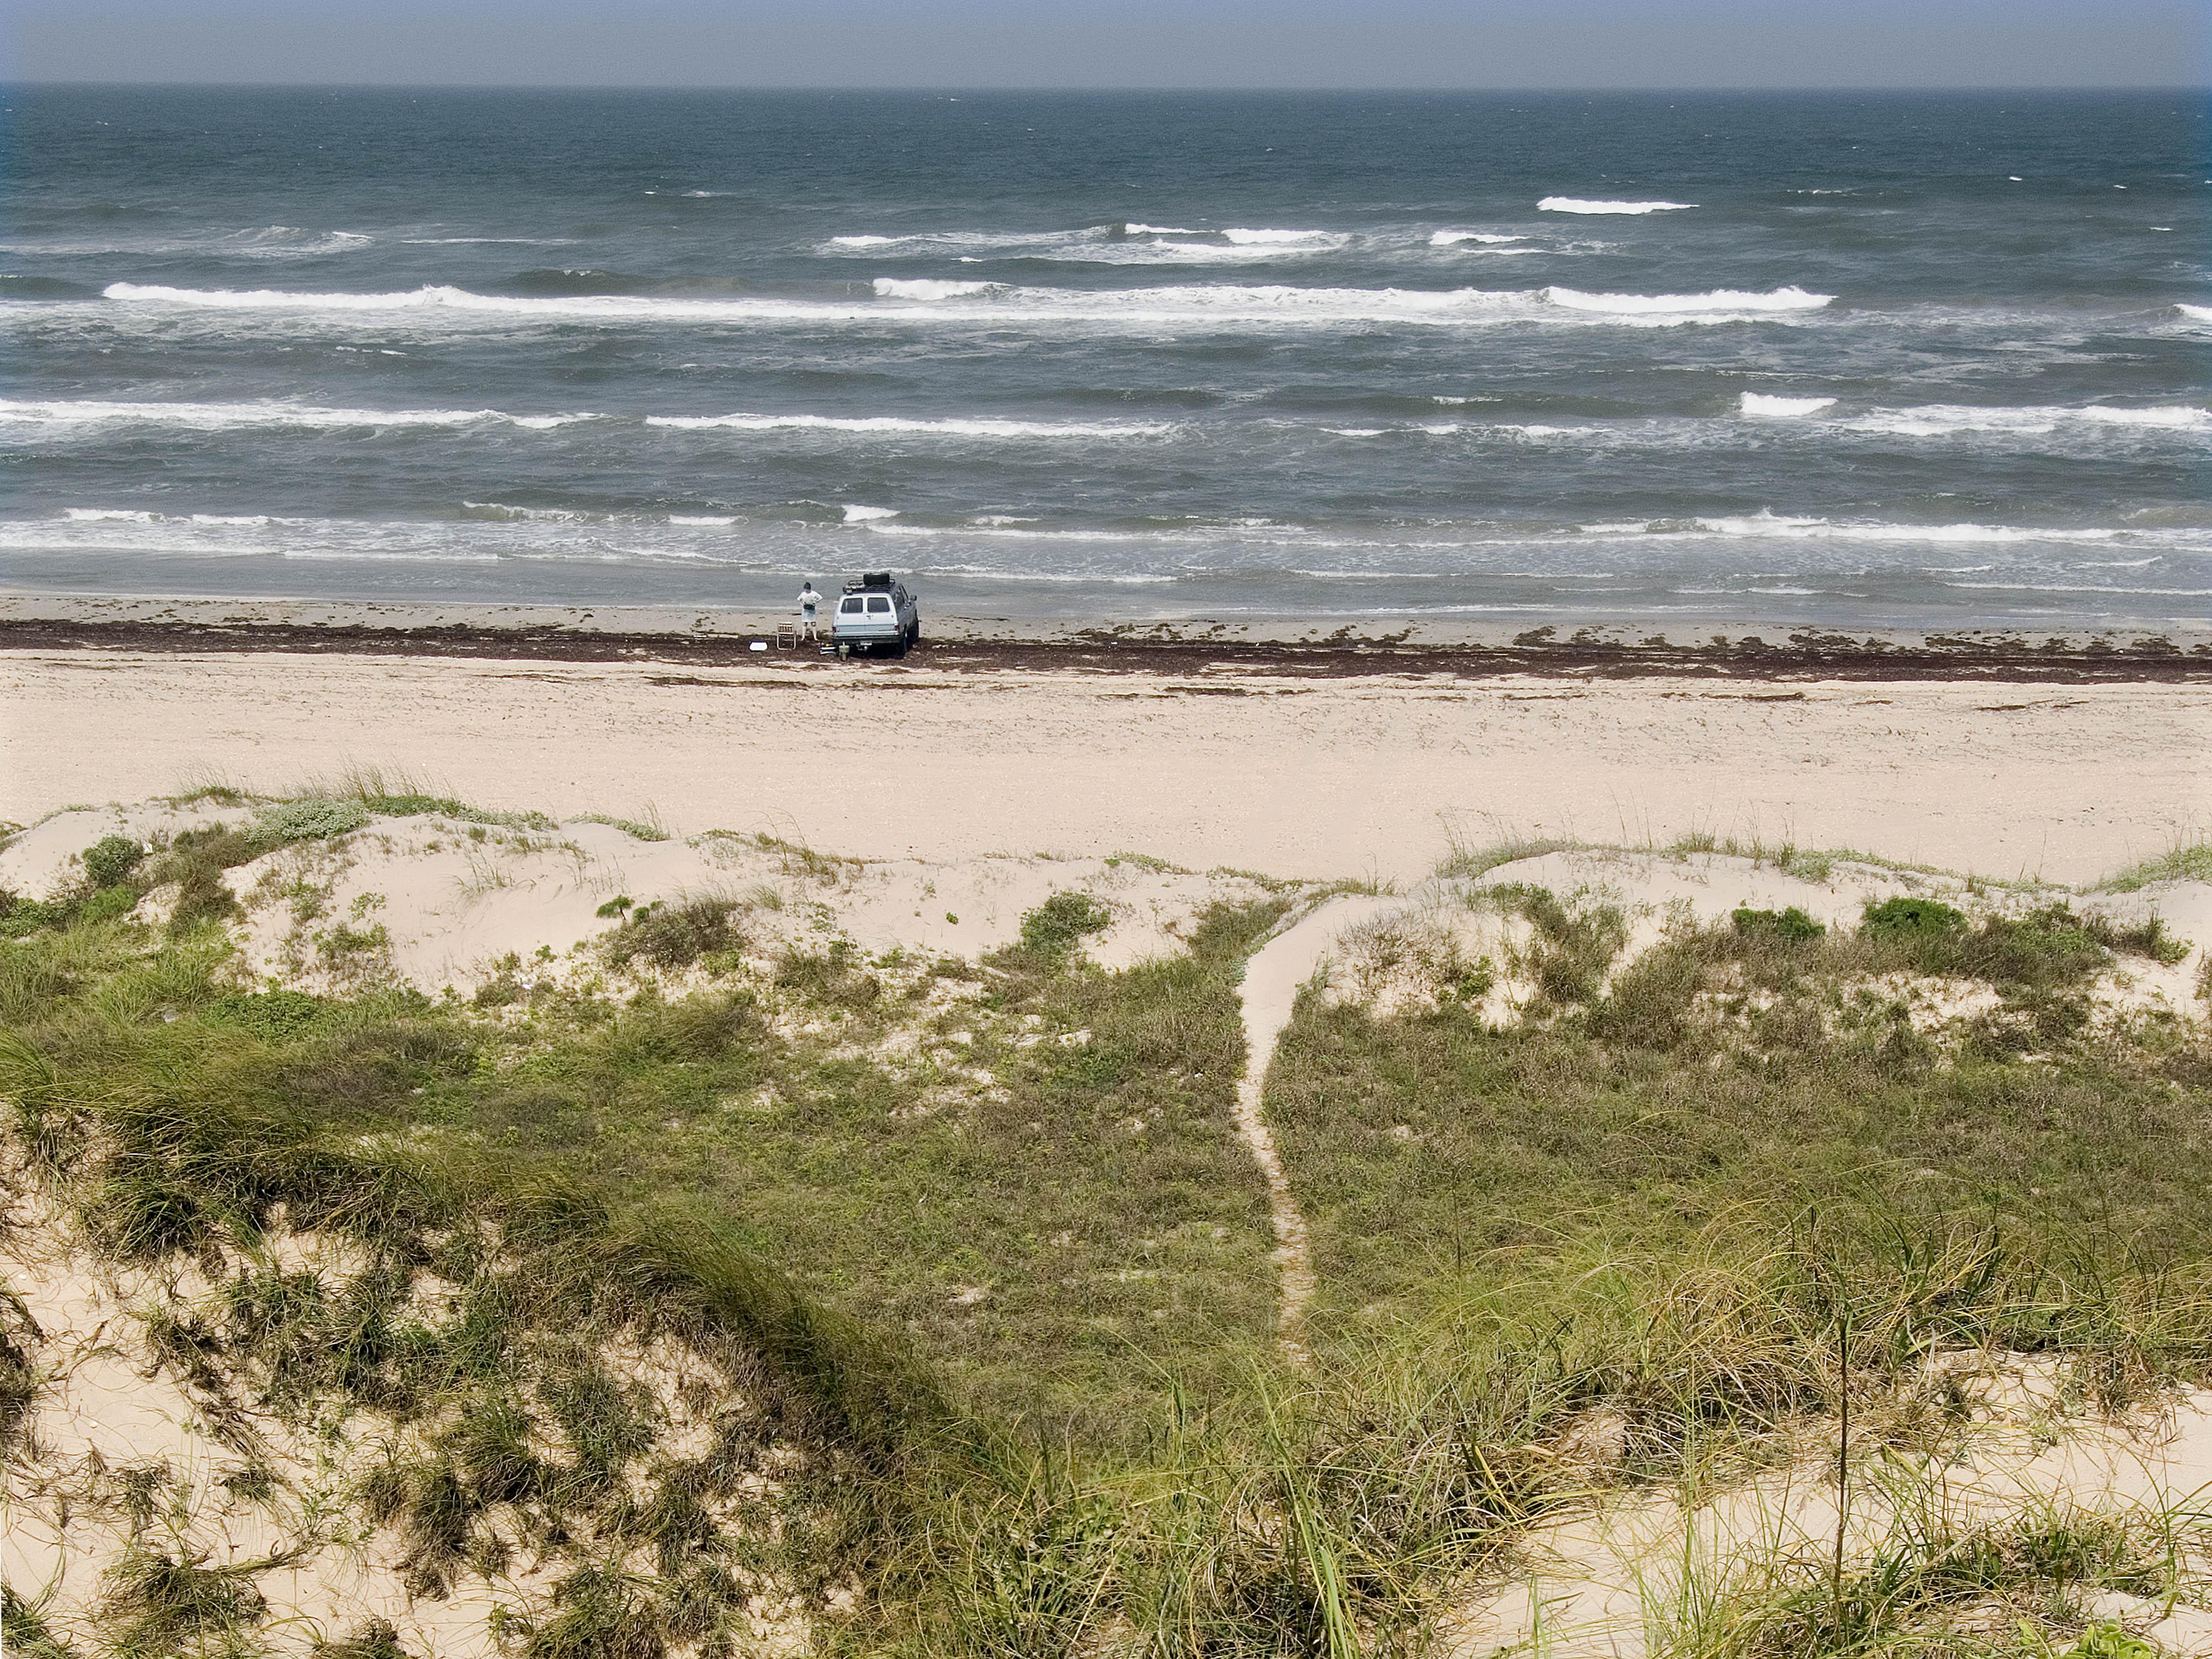 big-dune2003-mi-25-032210dsc_0015-crop